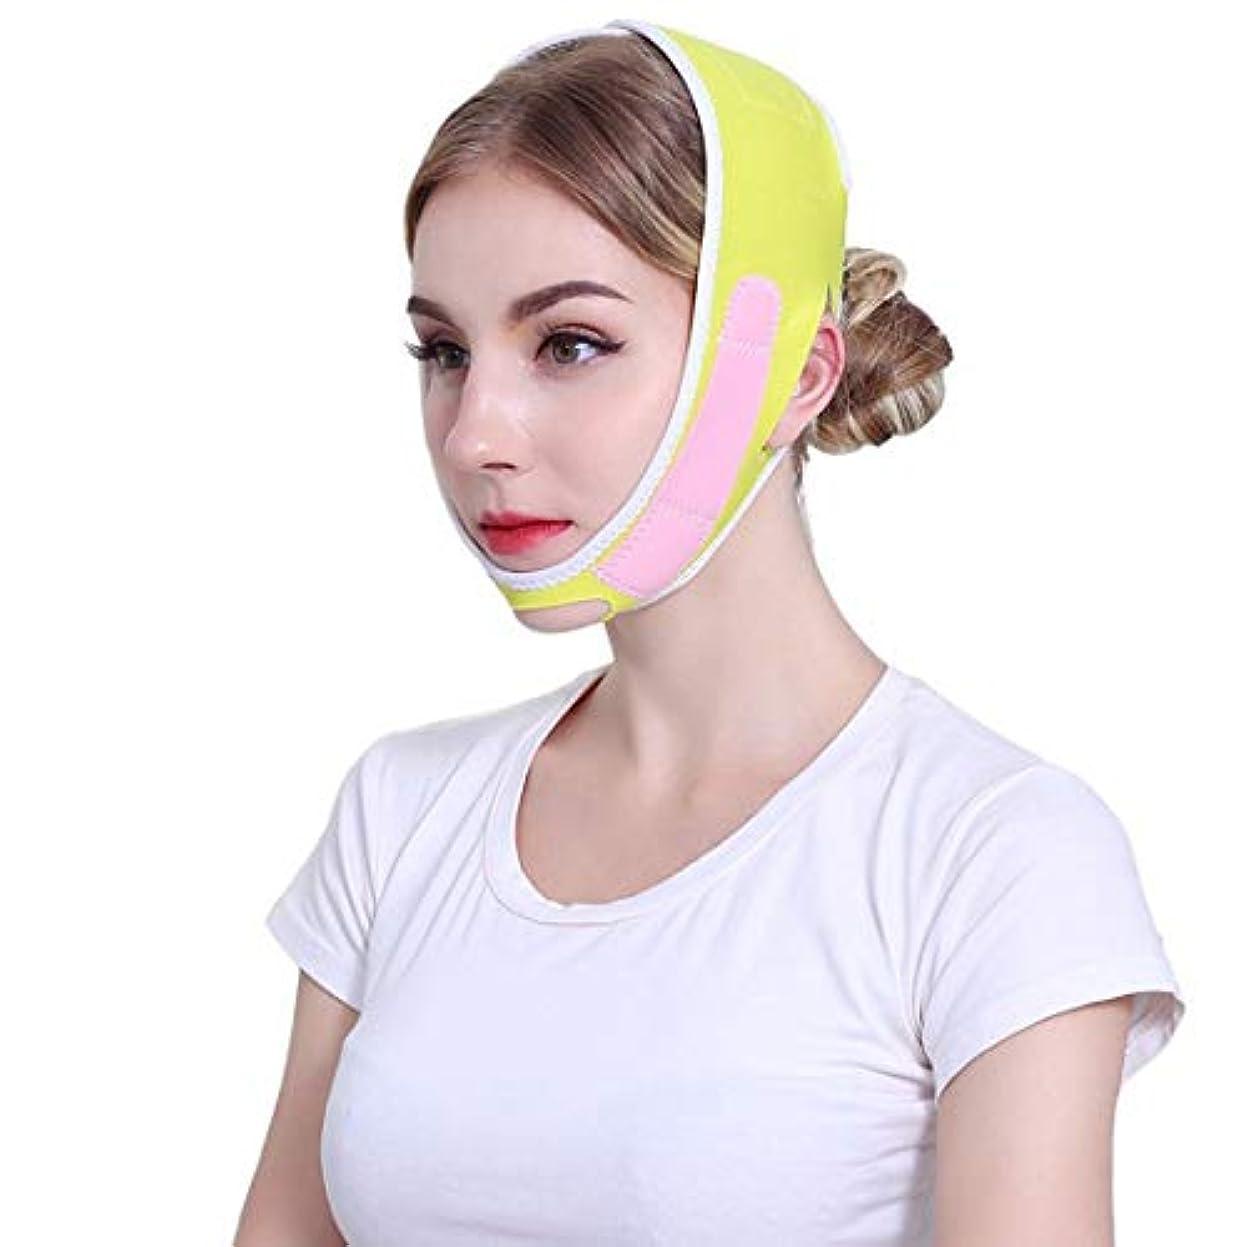 骨髄蓋うぬぼれたZWBD フェイスマスク, フェイスリフティング包帯v薄い顔の形の男性と女性vフェイスリフティング引き締めリフティングフェイス包帯黄色